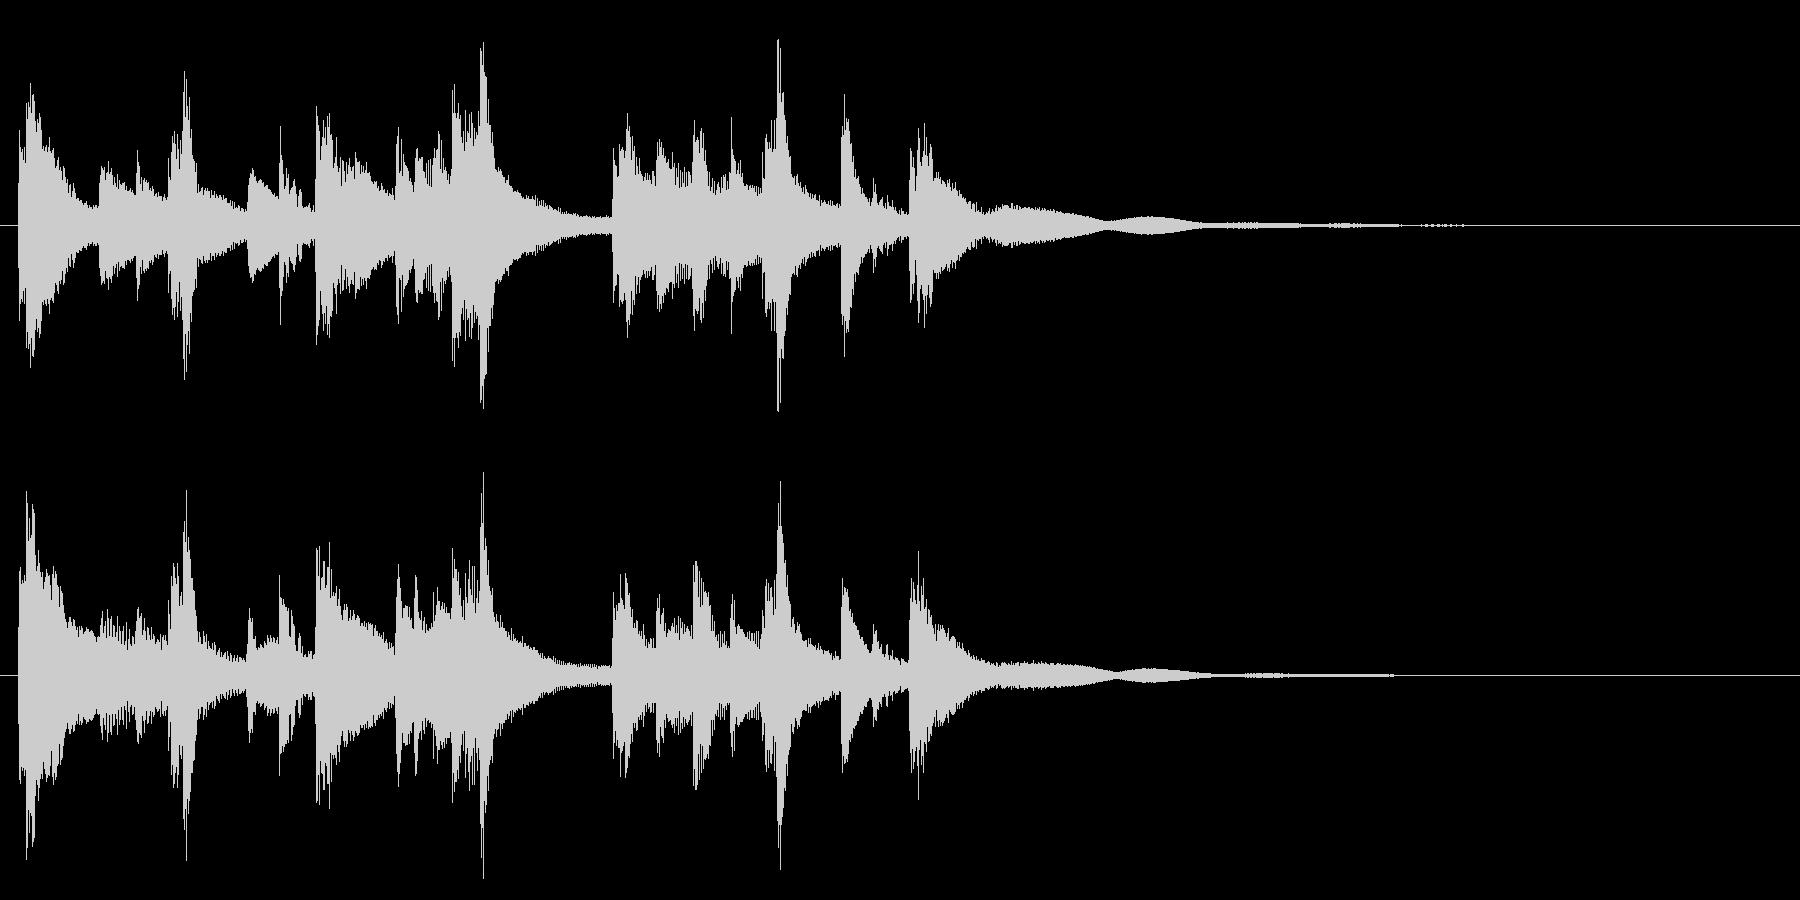 和風☆アイキャッチ1の未再生の波形